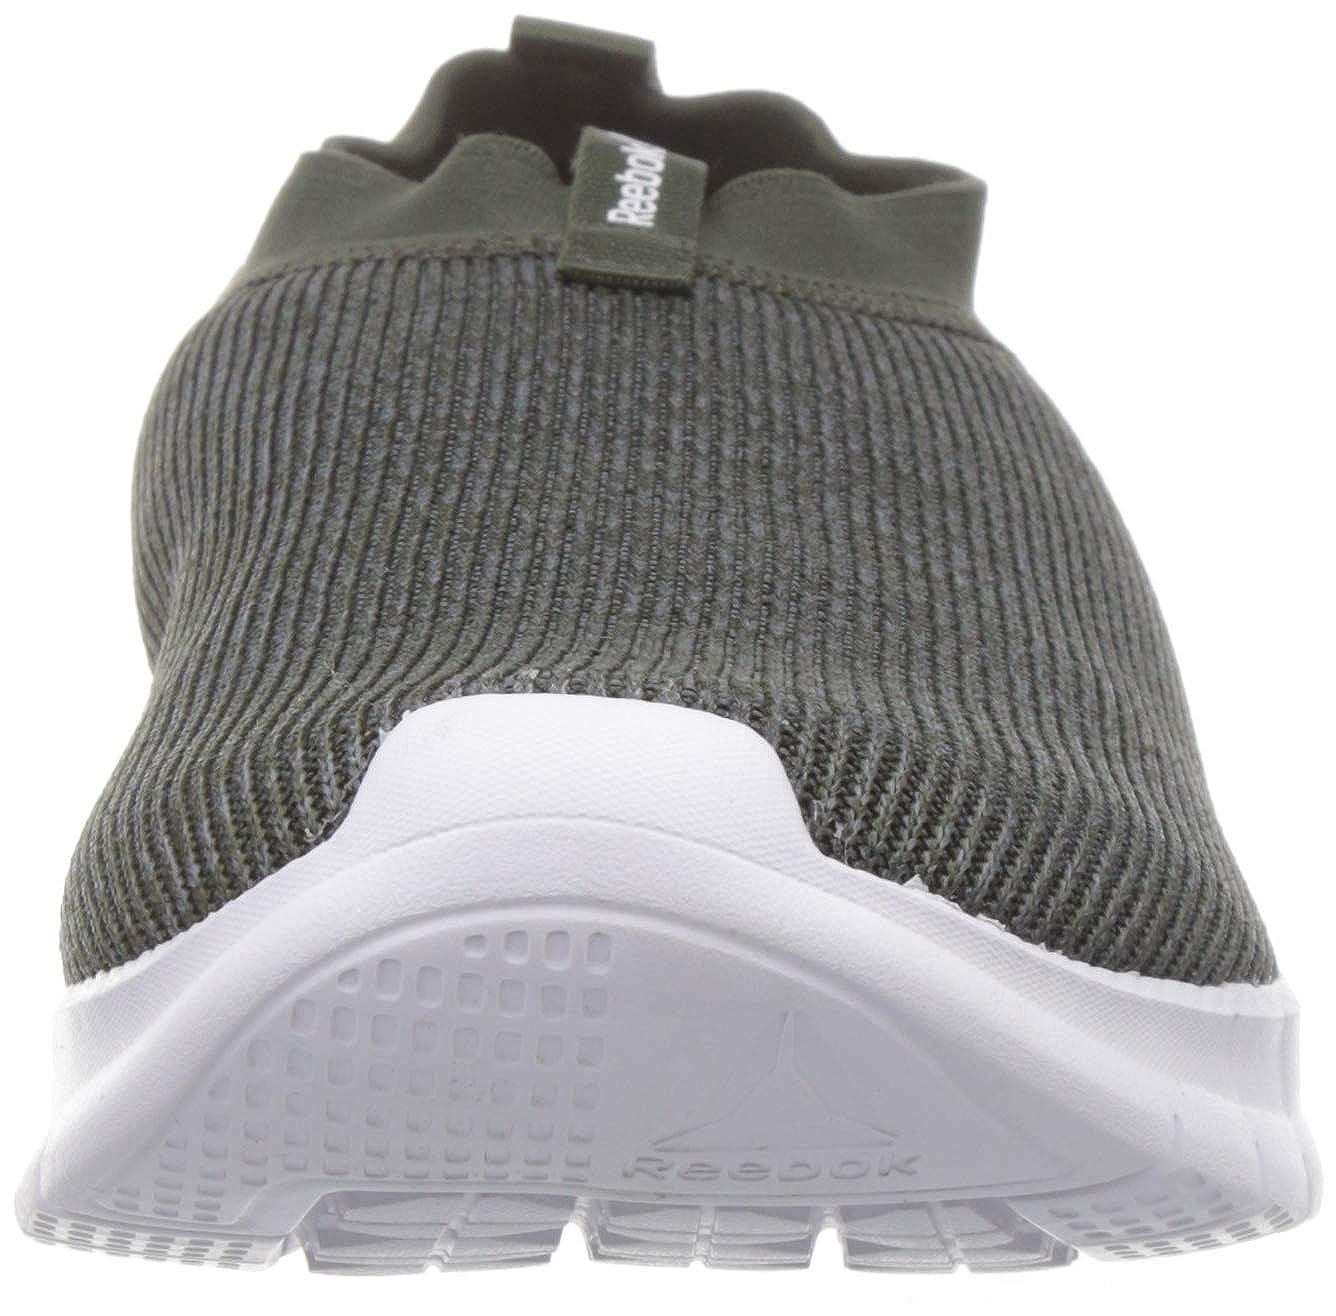 Delta Slip On Lp Running Shoes